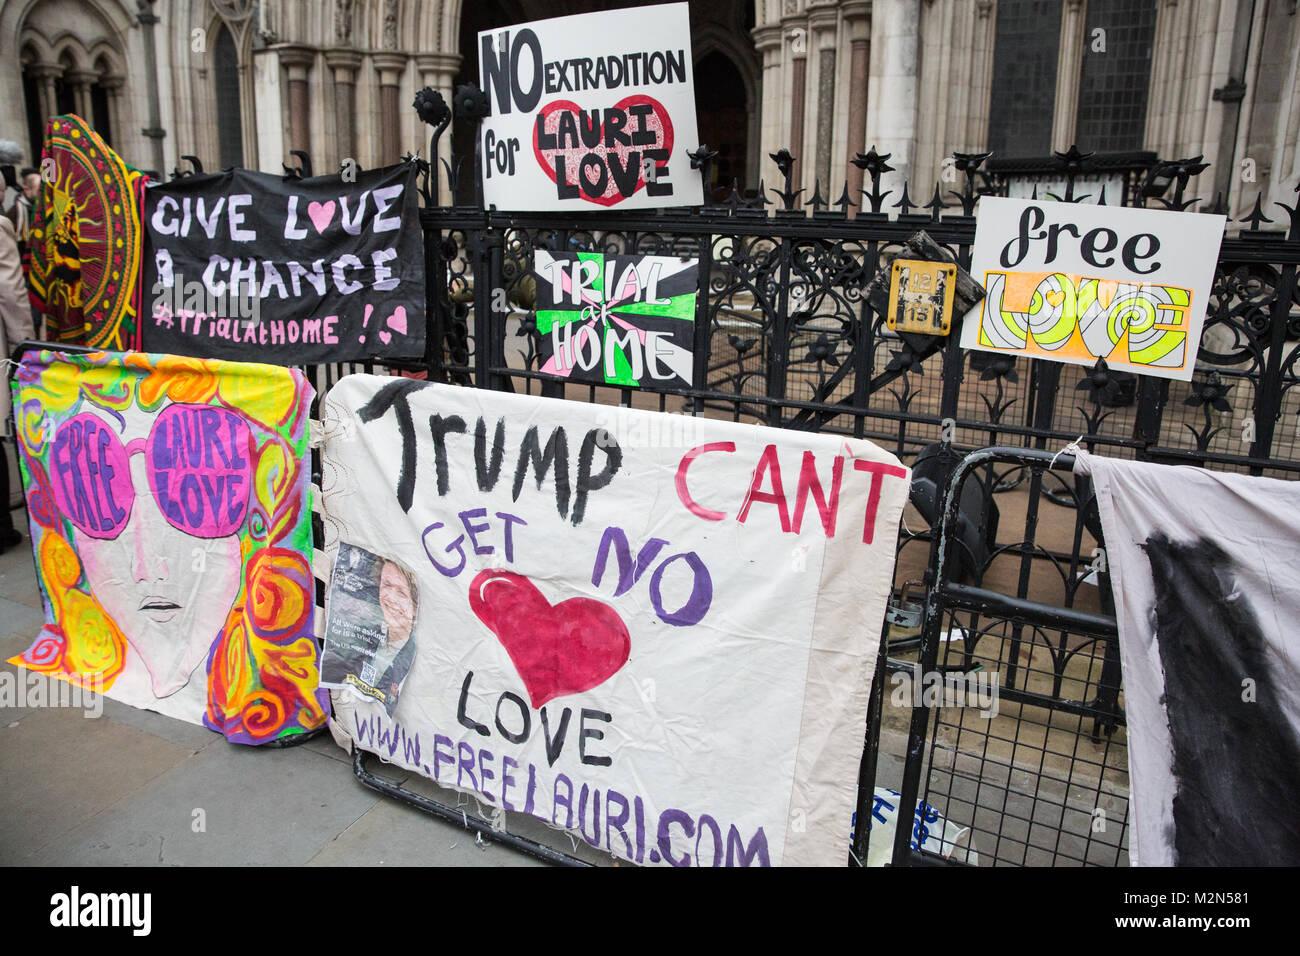 Londra, Regno Unito. 5 febbraio, 2018. Banner appesi al di fuori della Royal Courts of Justice dai sostenitori del Immagini Stock